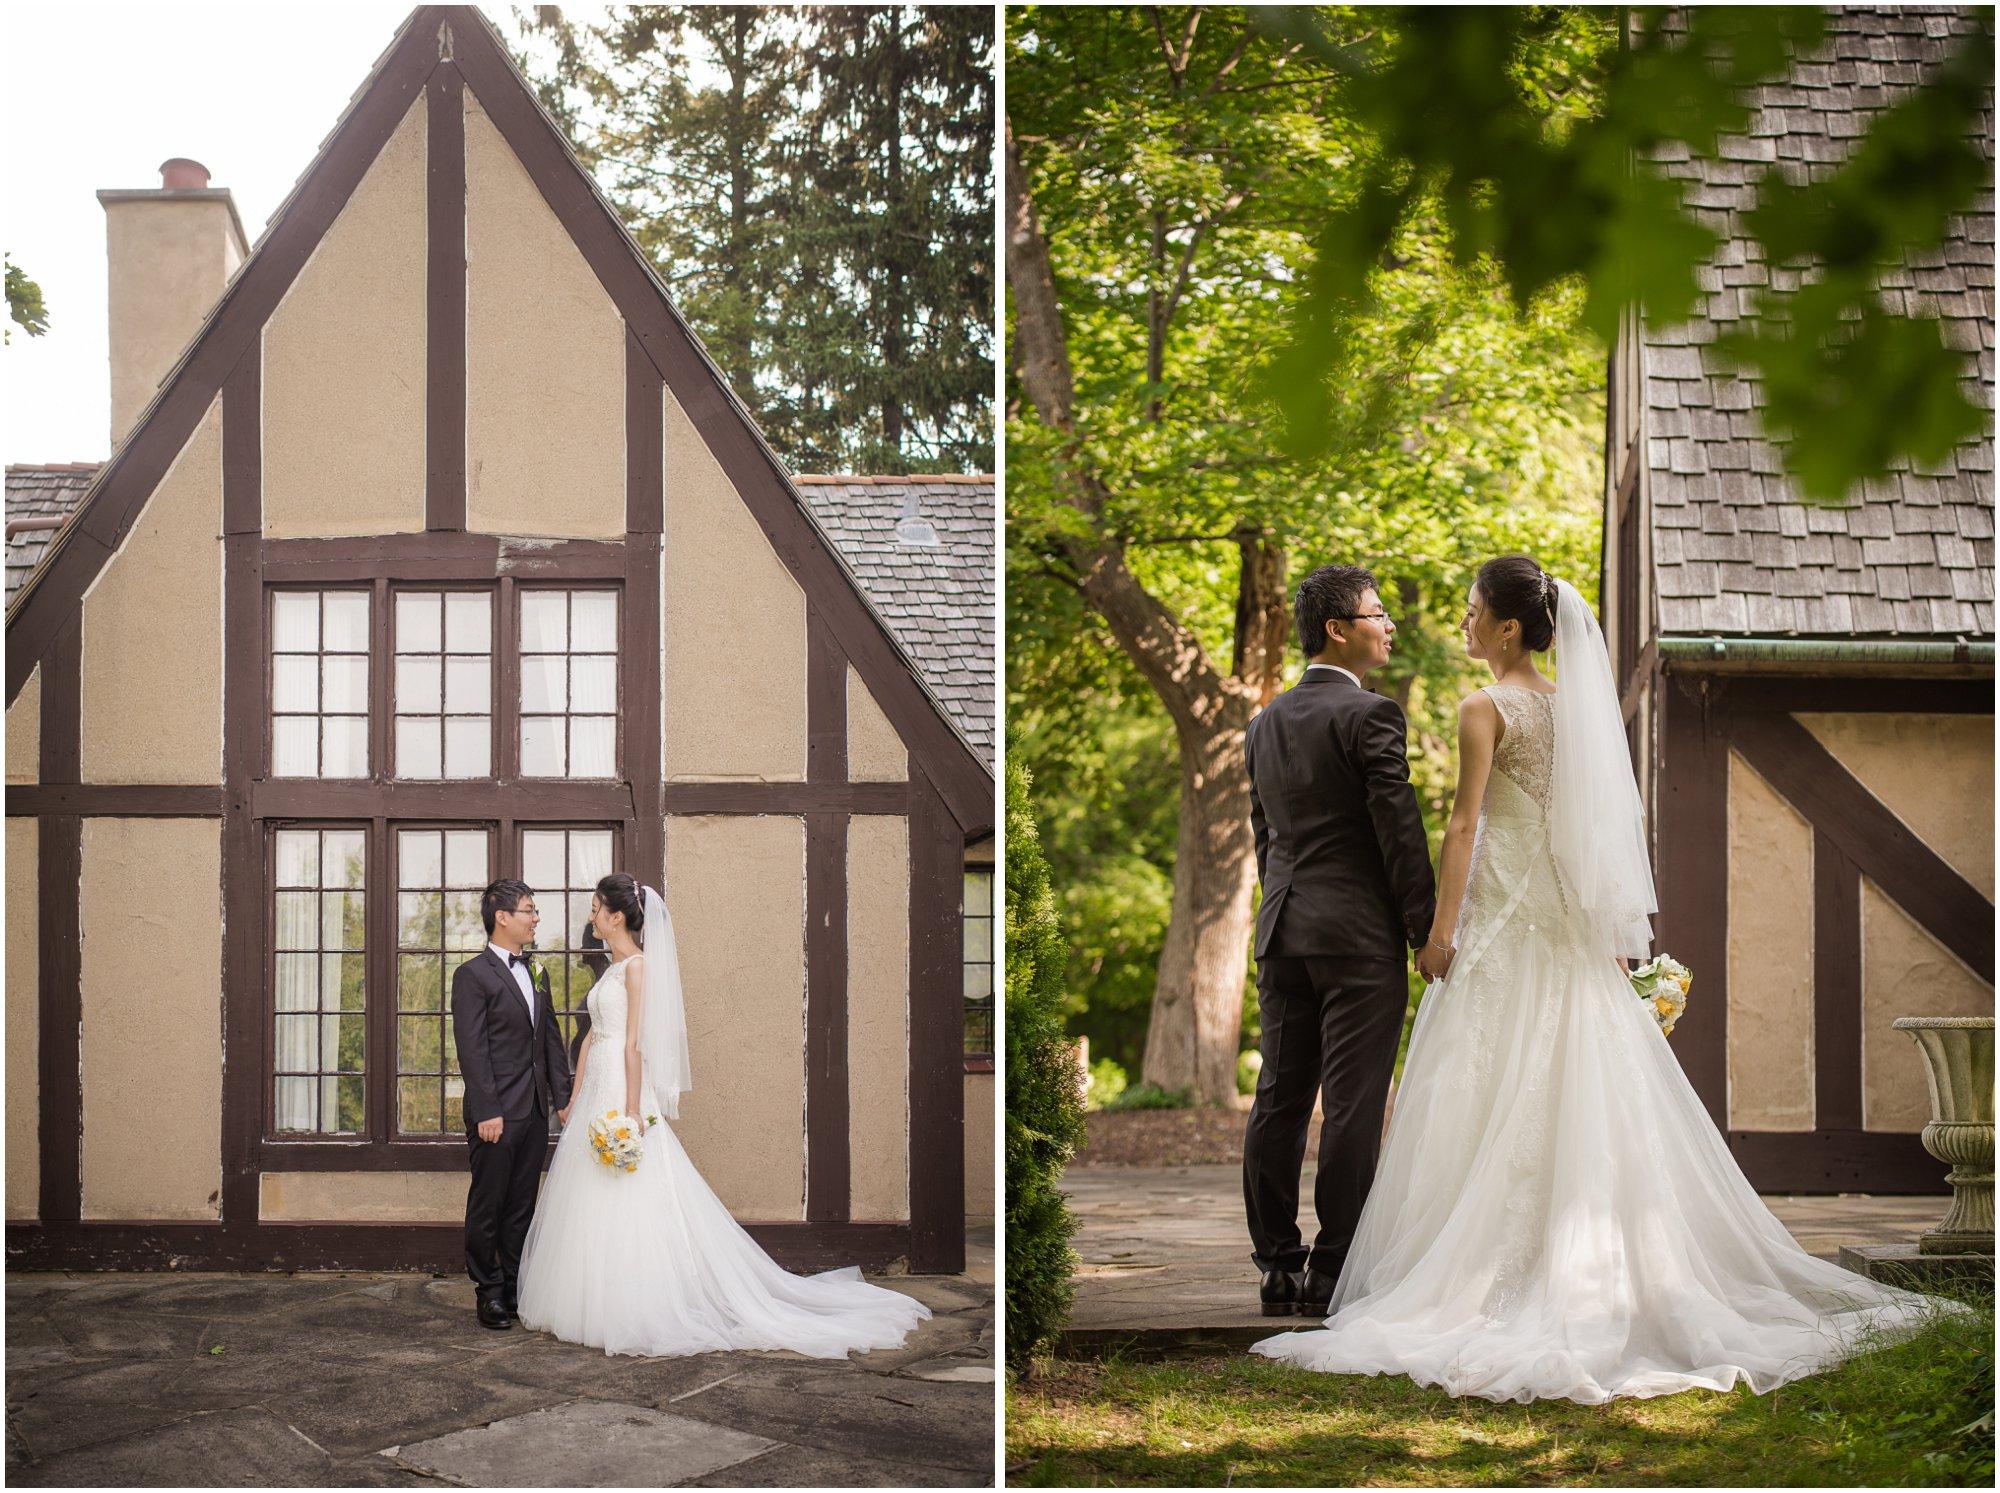 University-of-michigan-museum-of-art-wedding_1307.jpg